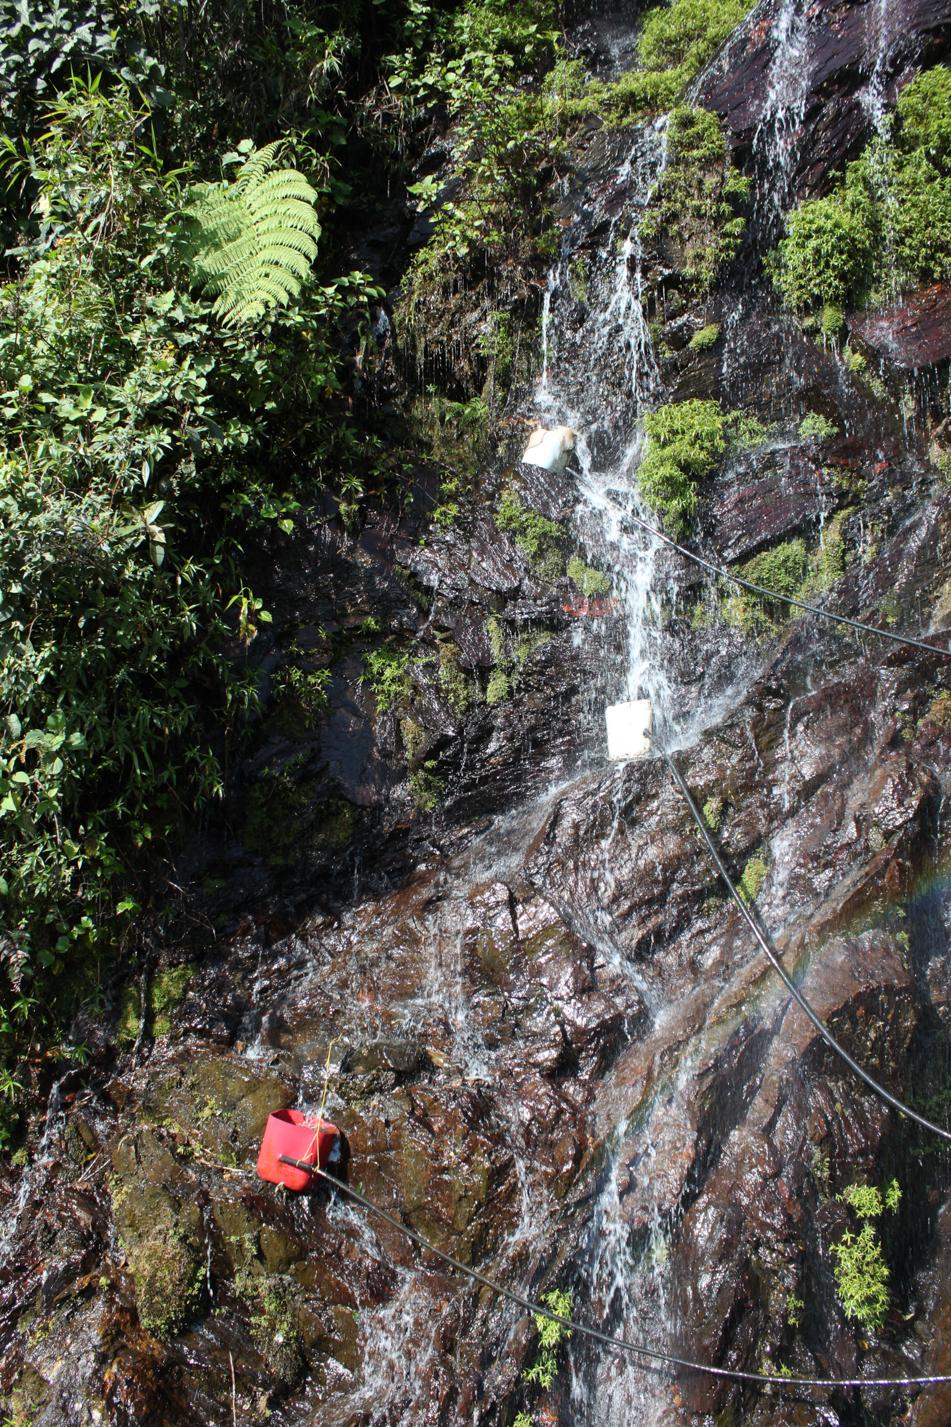 So sieht hier in den Bergen die Wasserversorgung aus: An höher gelegenen Wasserführungen wird  mit einem Gefäß Wasser gesammelt. An diesem Gefäß ist ein Schlauch angeschlossen, welcher mit einer Abenteuerlichen Führung am Ende ein Haus mit Wasser versorgt.